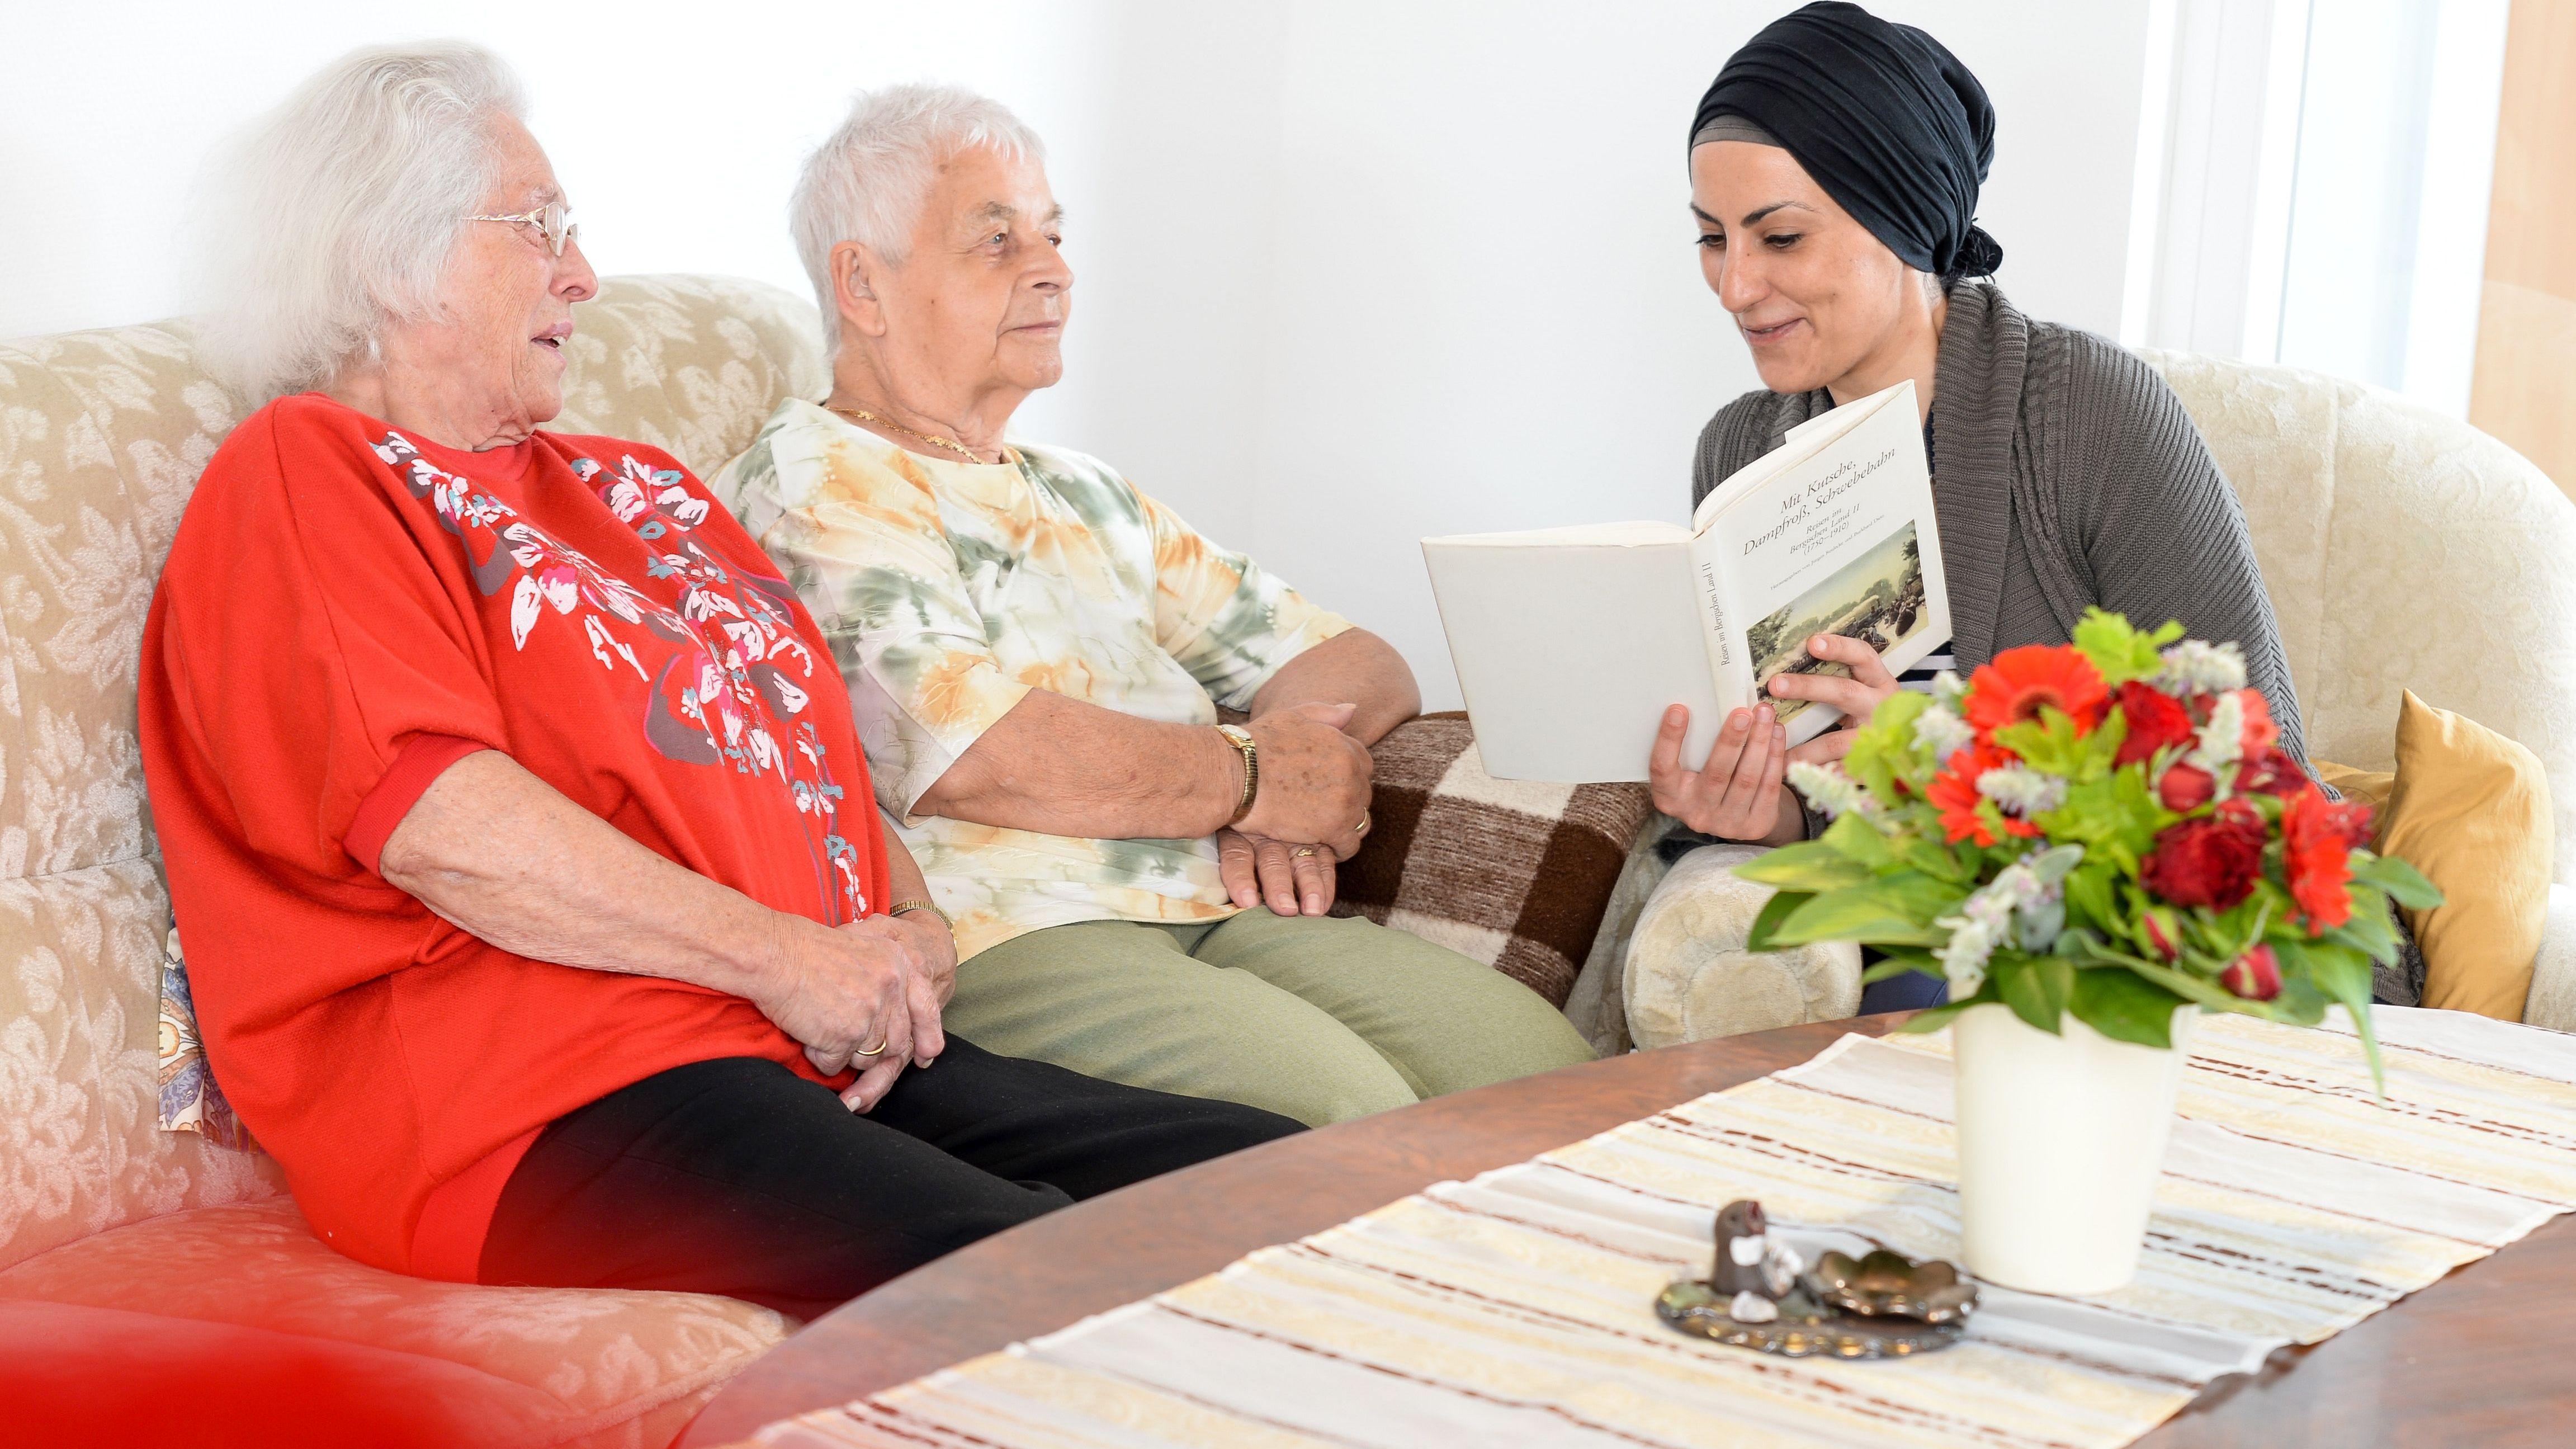 Altenheimbesuch im Rahmen eines neuen Angebots der Malteser-Image